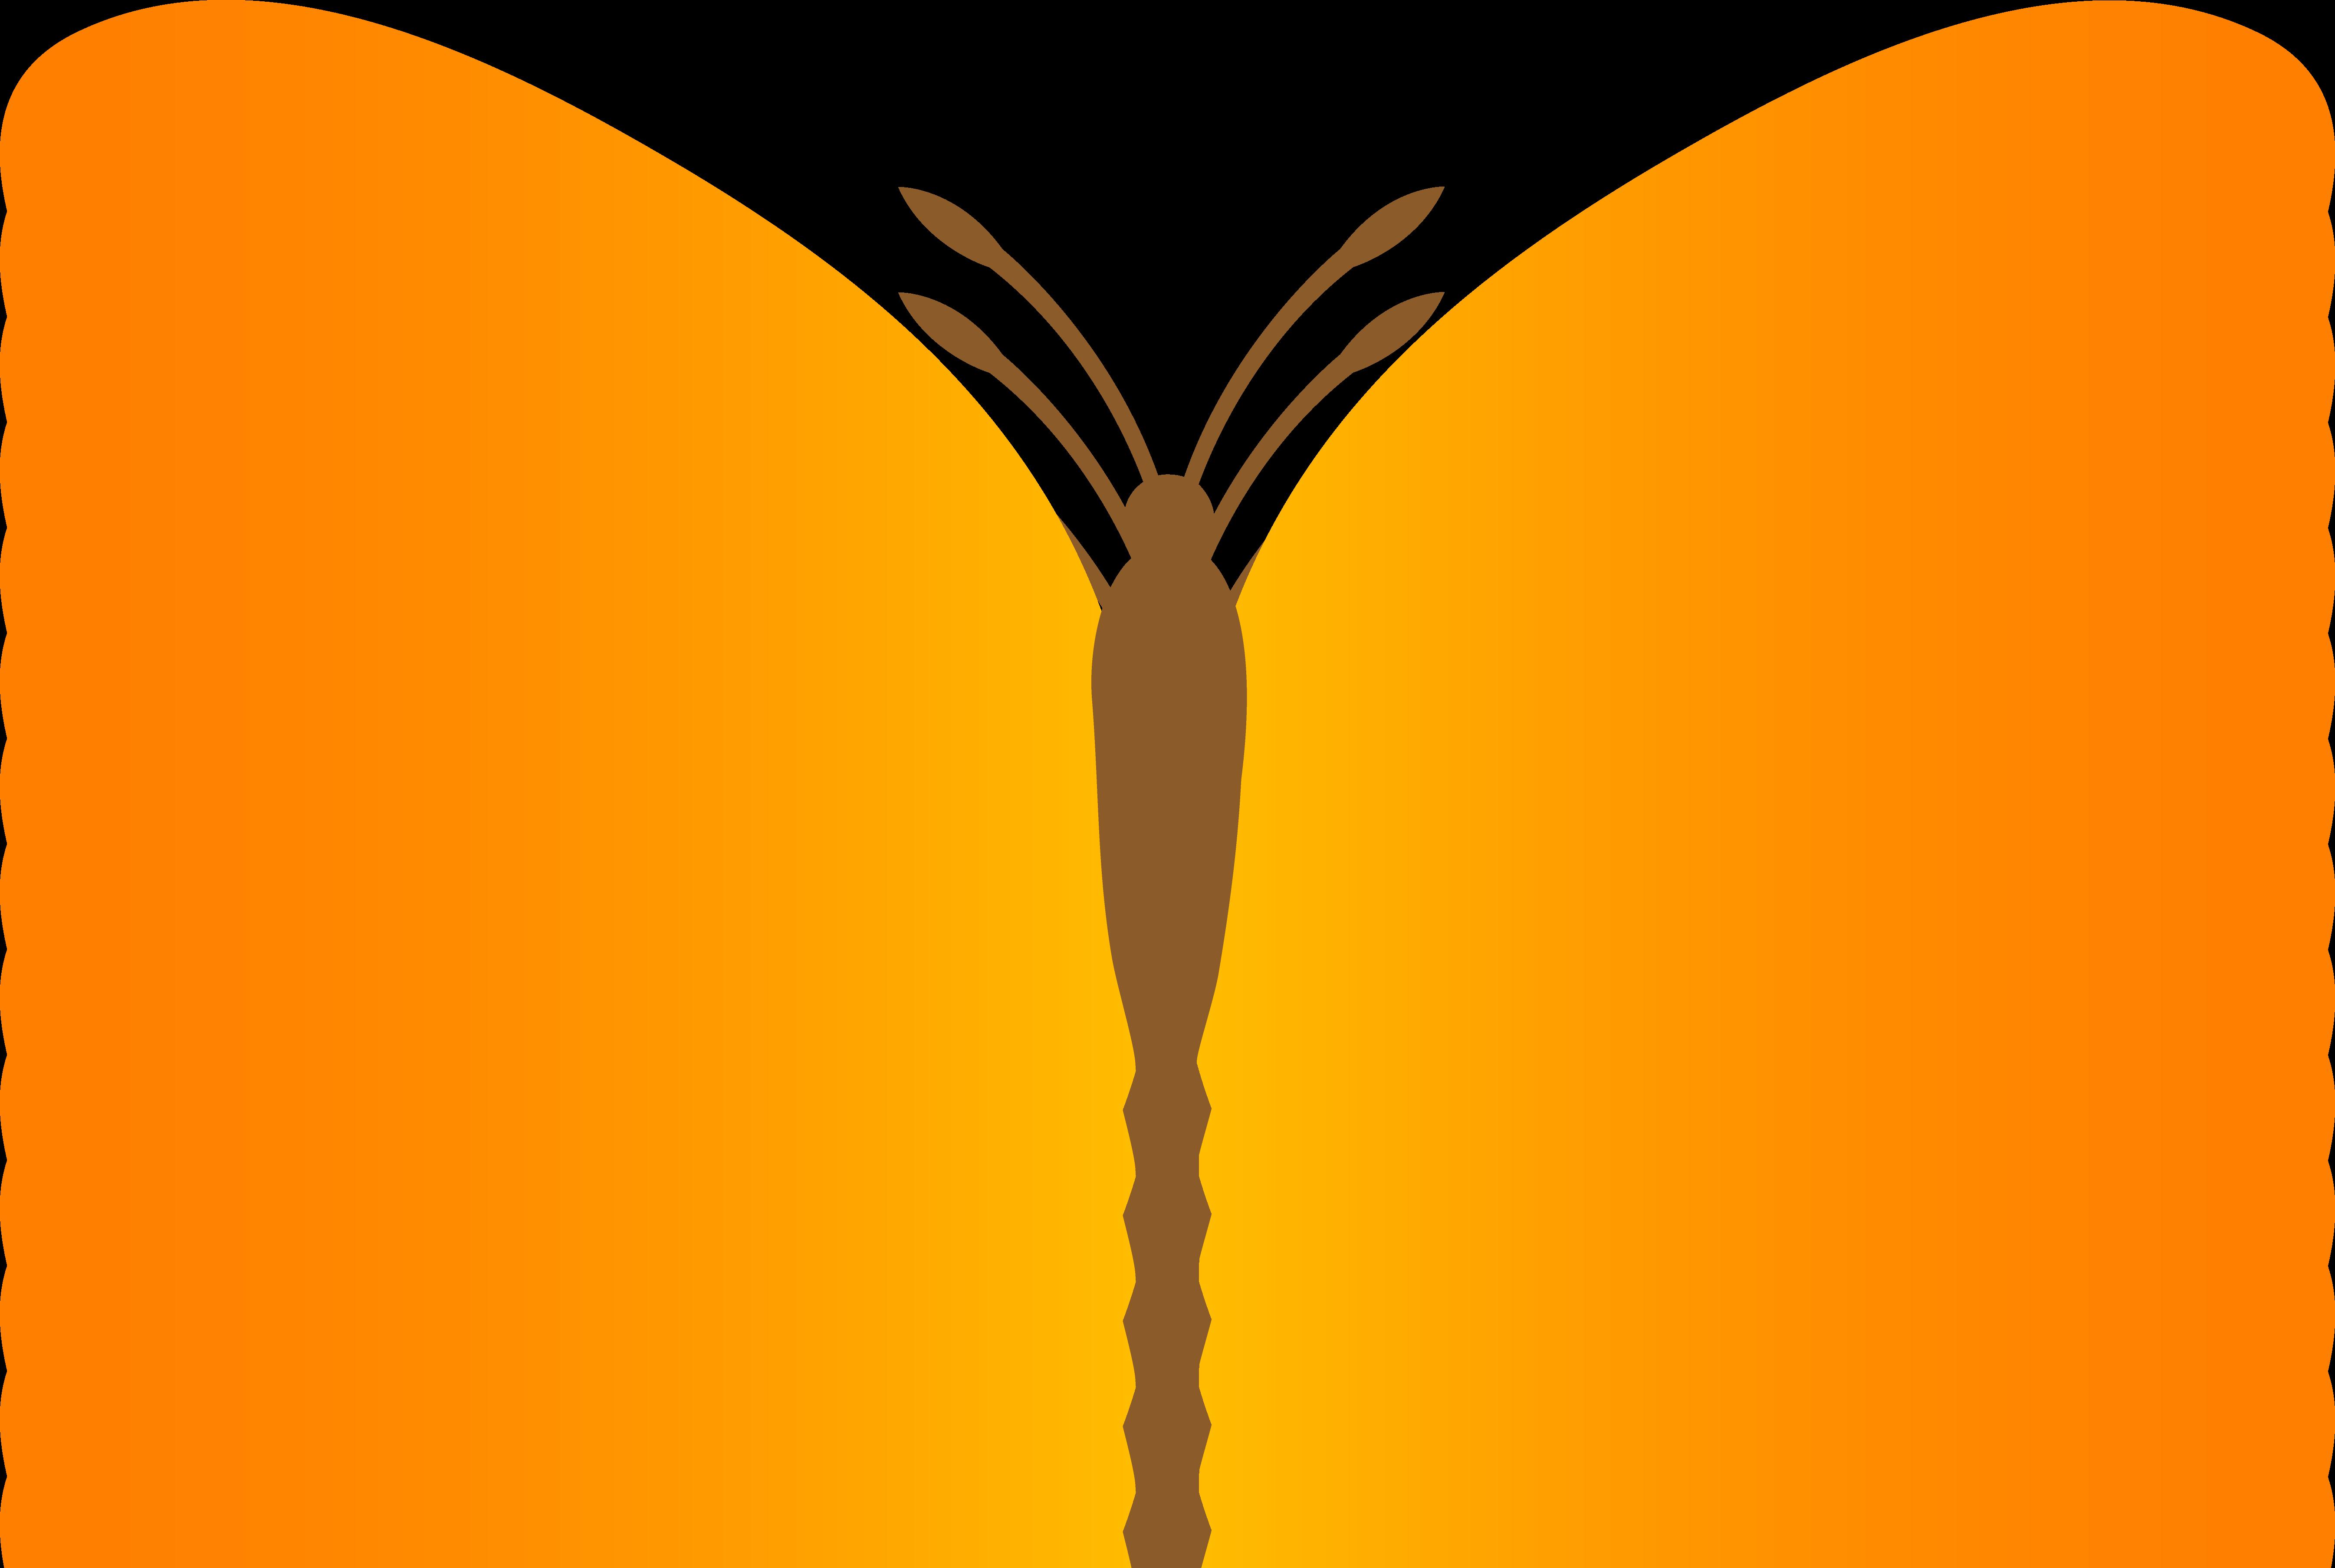 5381x3614 Simple Orange Butterfly